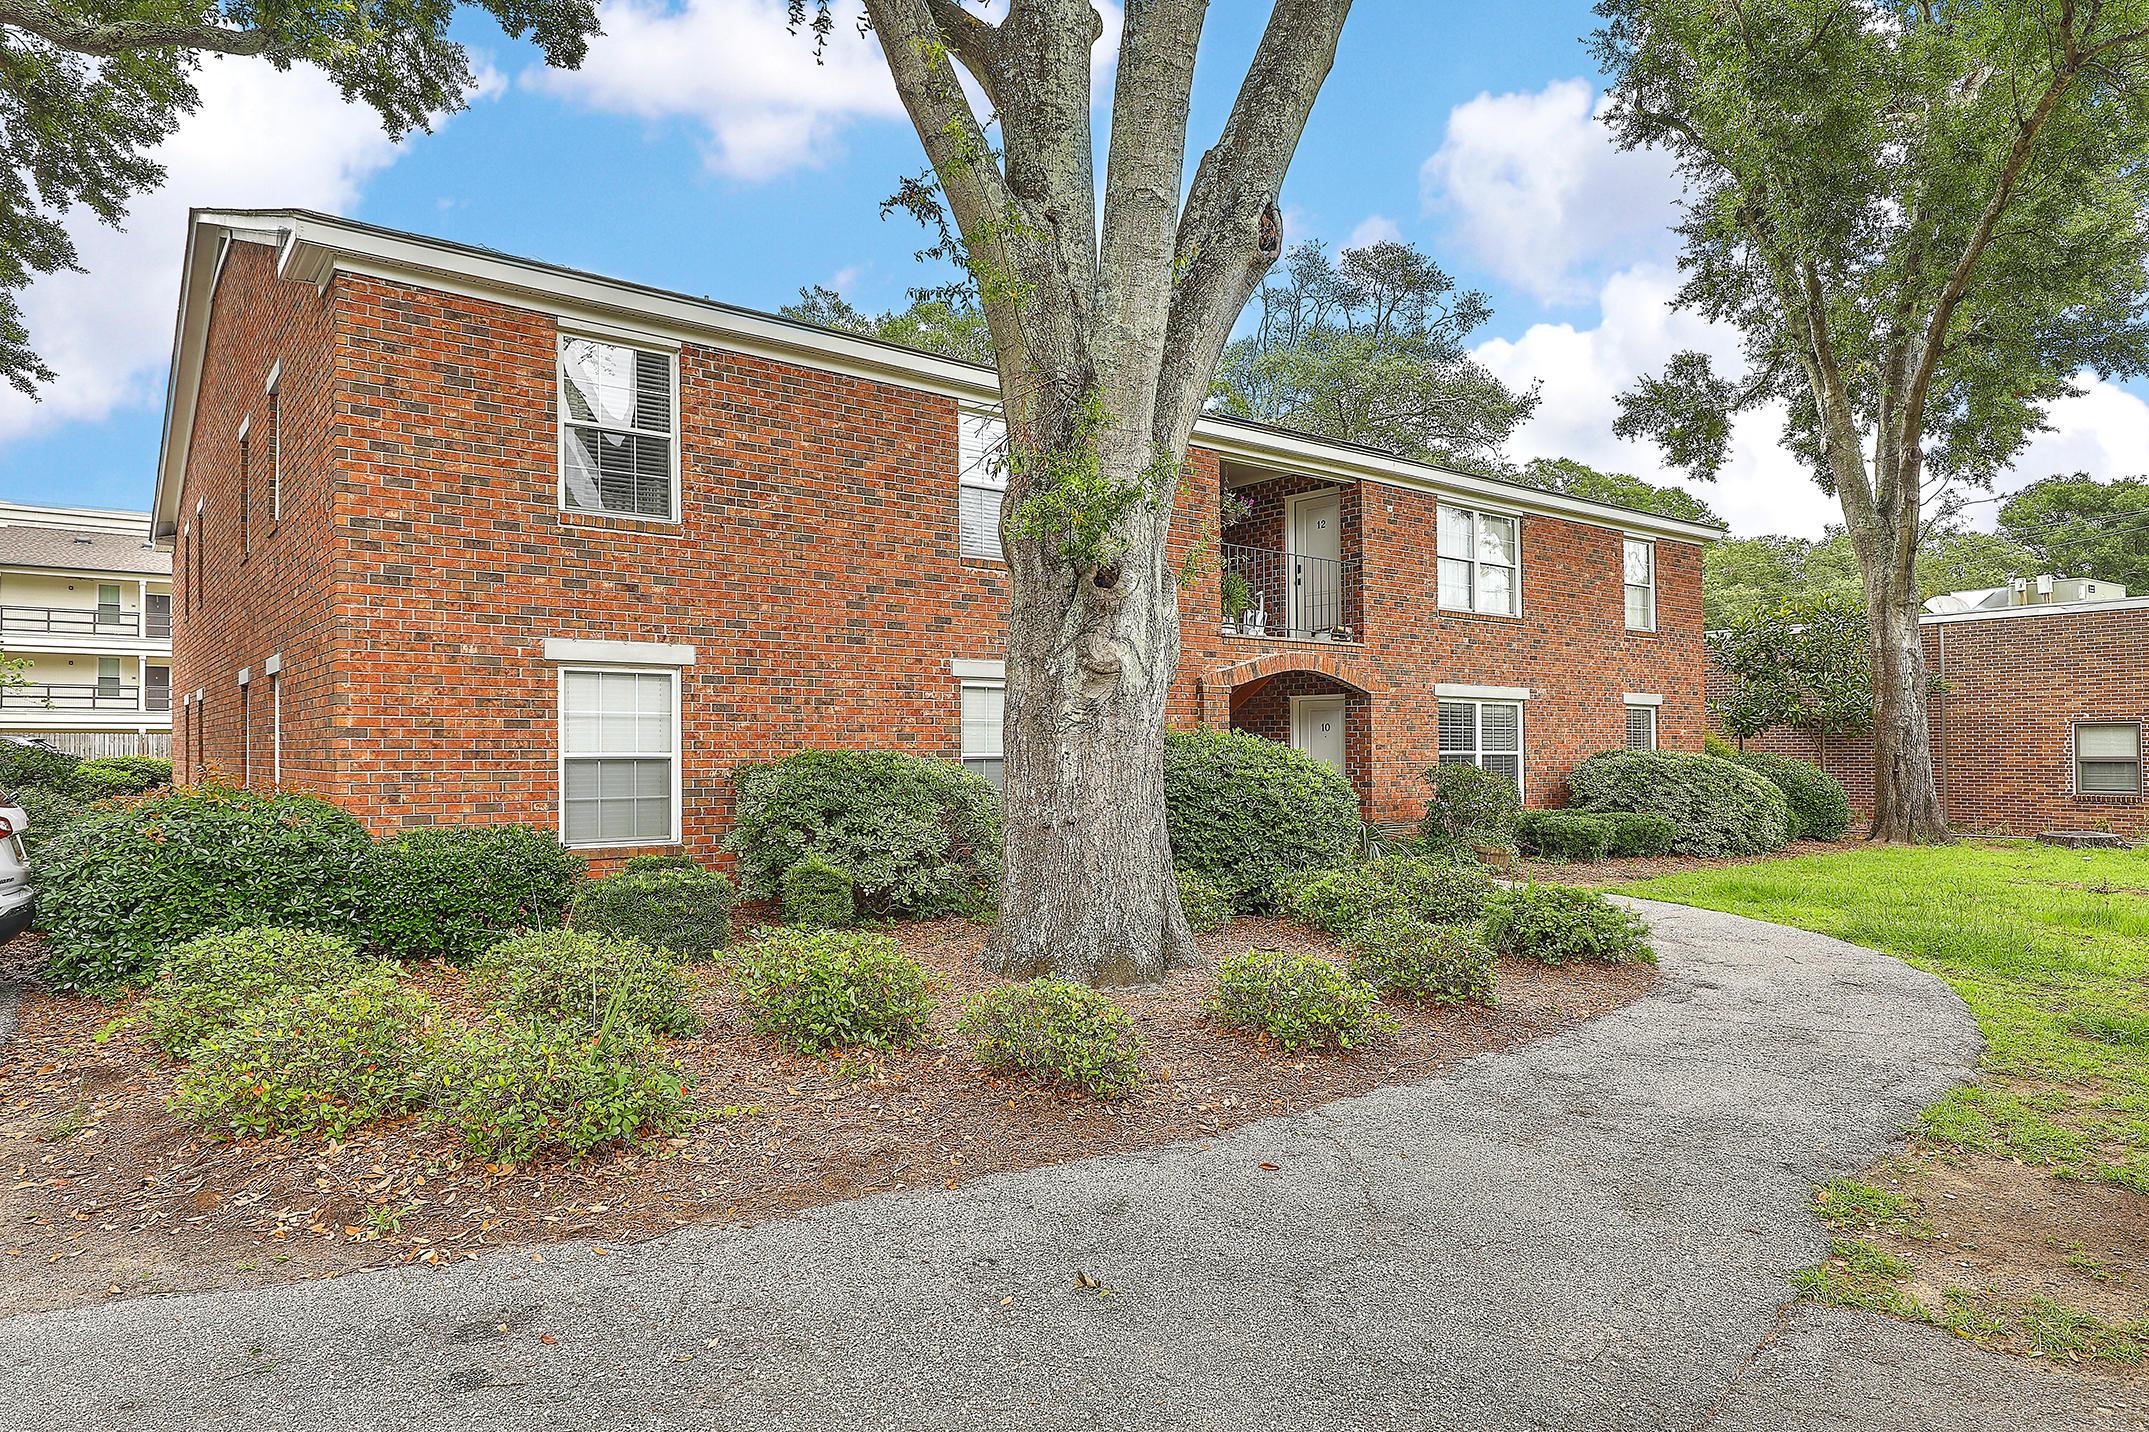 Village Oaks of Mt Pleasant Homes For Sale - 1240 Fairmont, Mount Pleasant, SC - 19